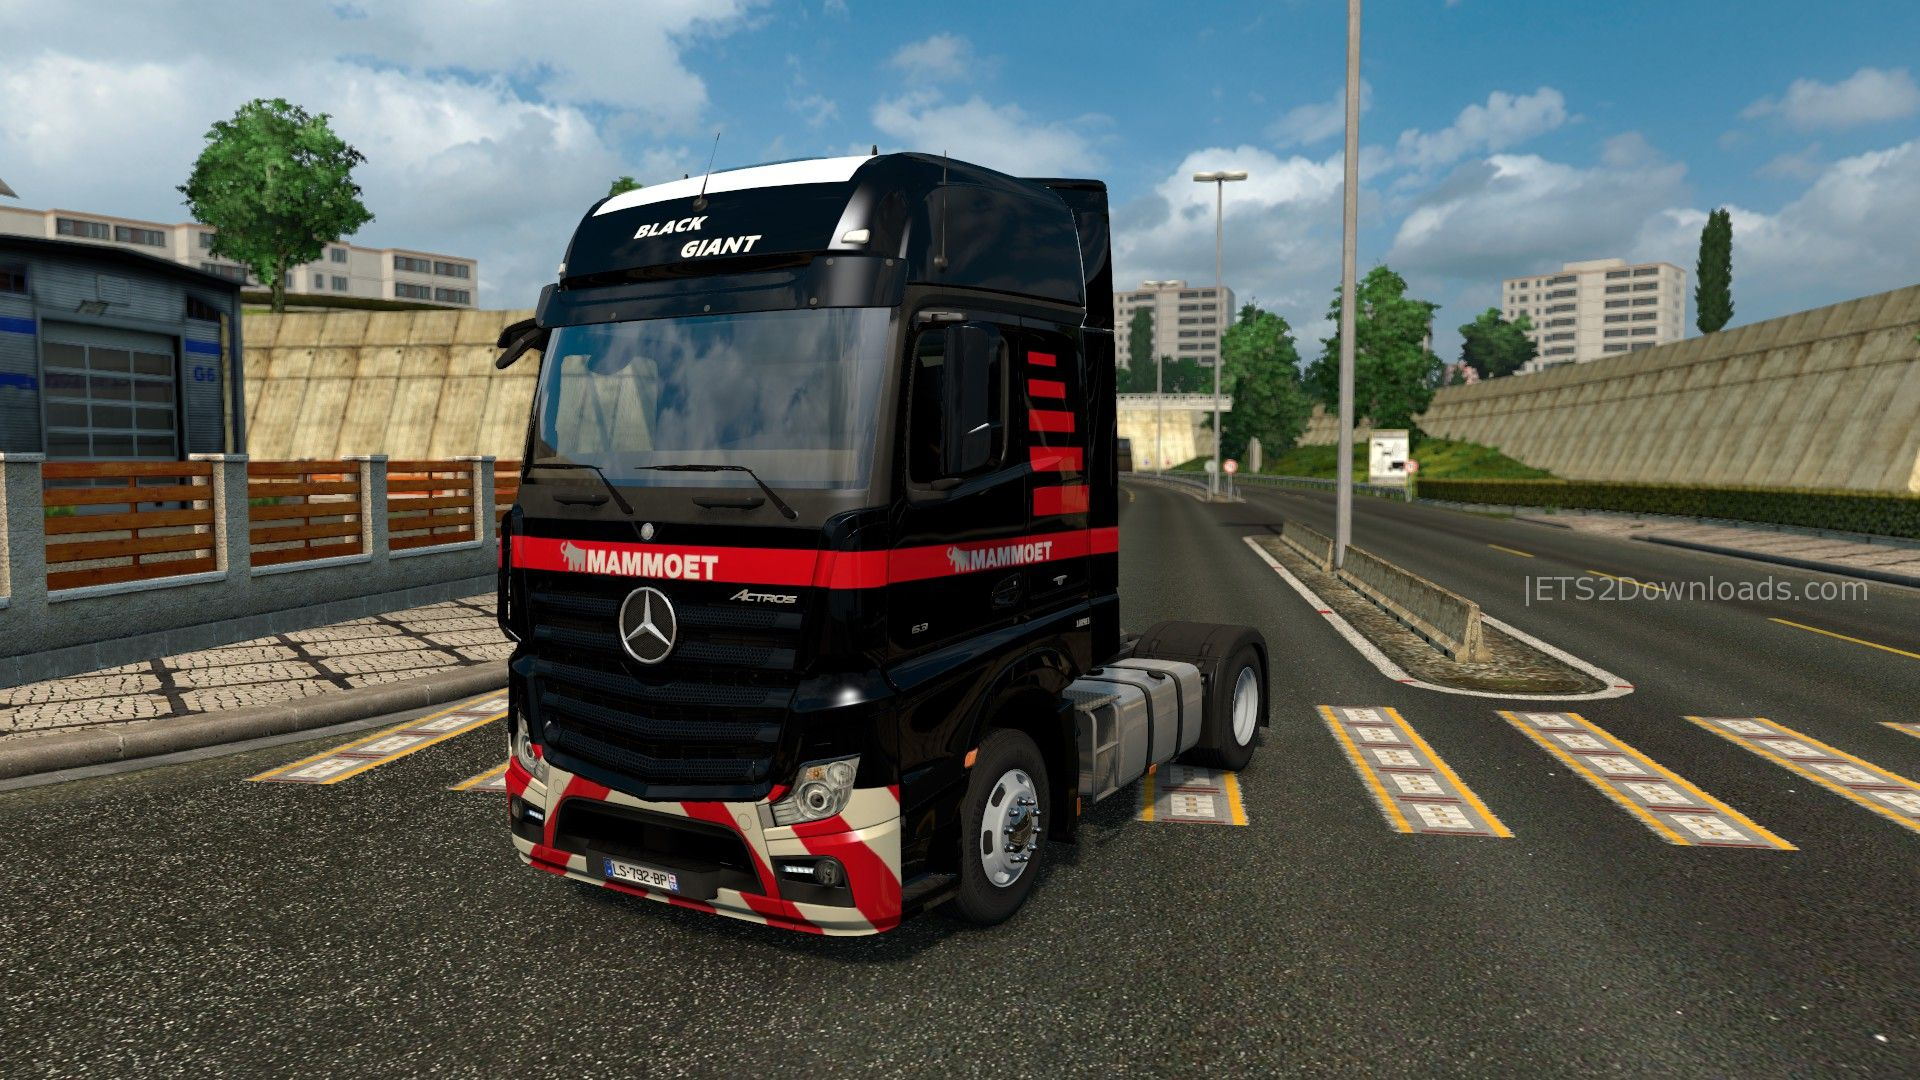 mammoet-skin-pack-for-all-trucks-4